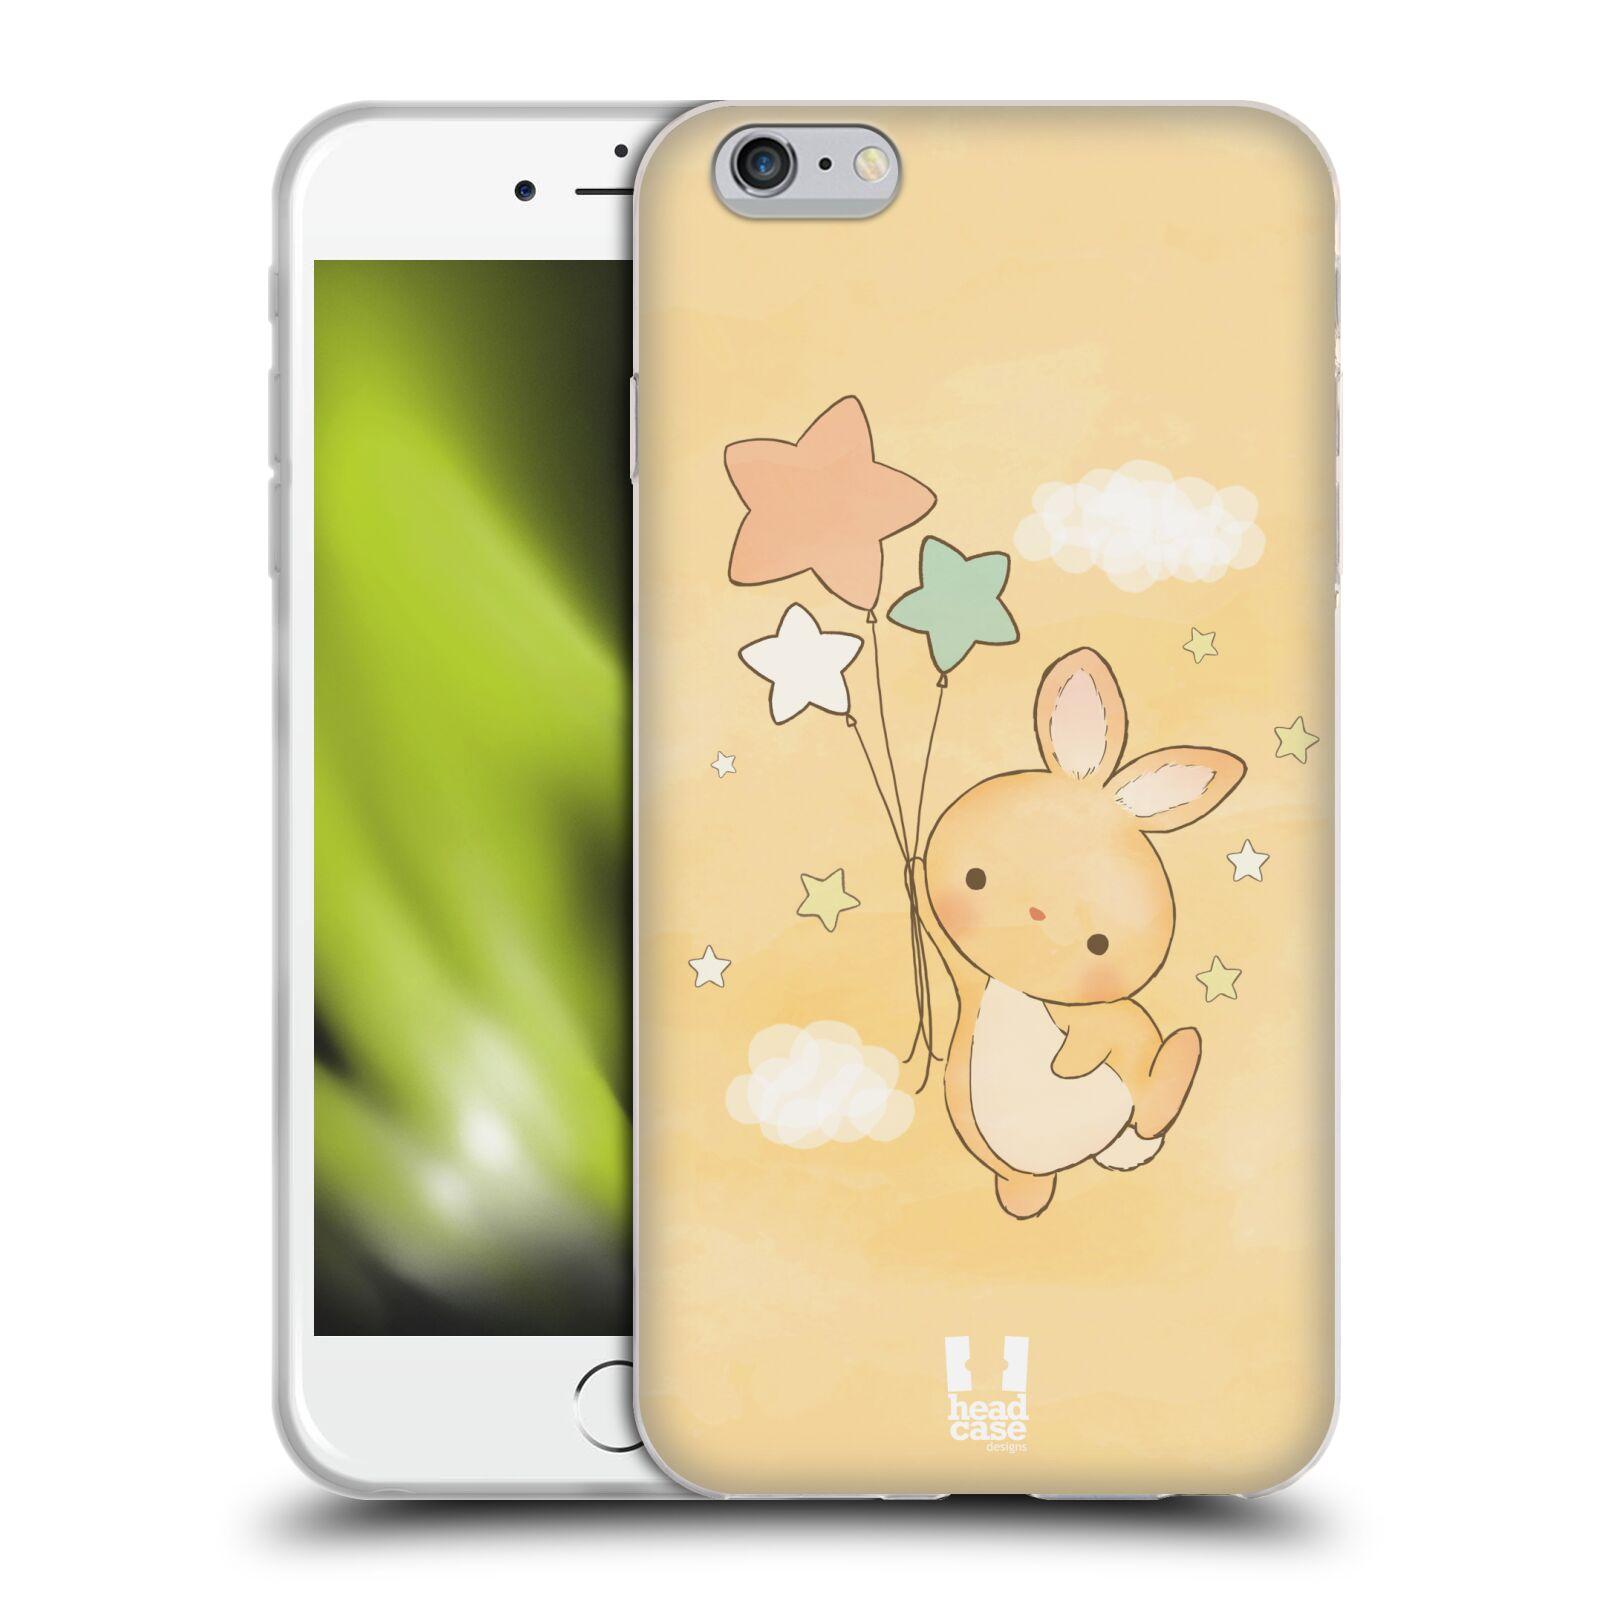 HEAD CASE silikonový obal na mobil Apple Iphone 6 PLUS/ 6S PLUS vzor králíček a hvězdy žlutá